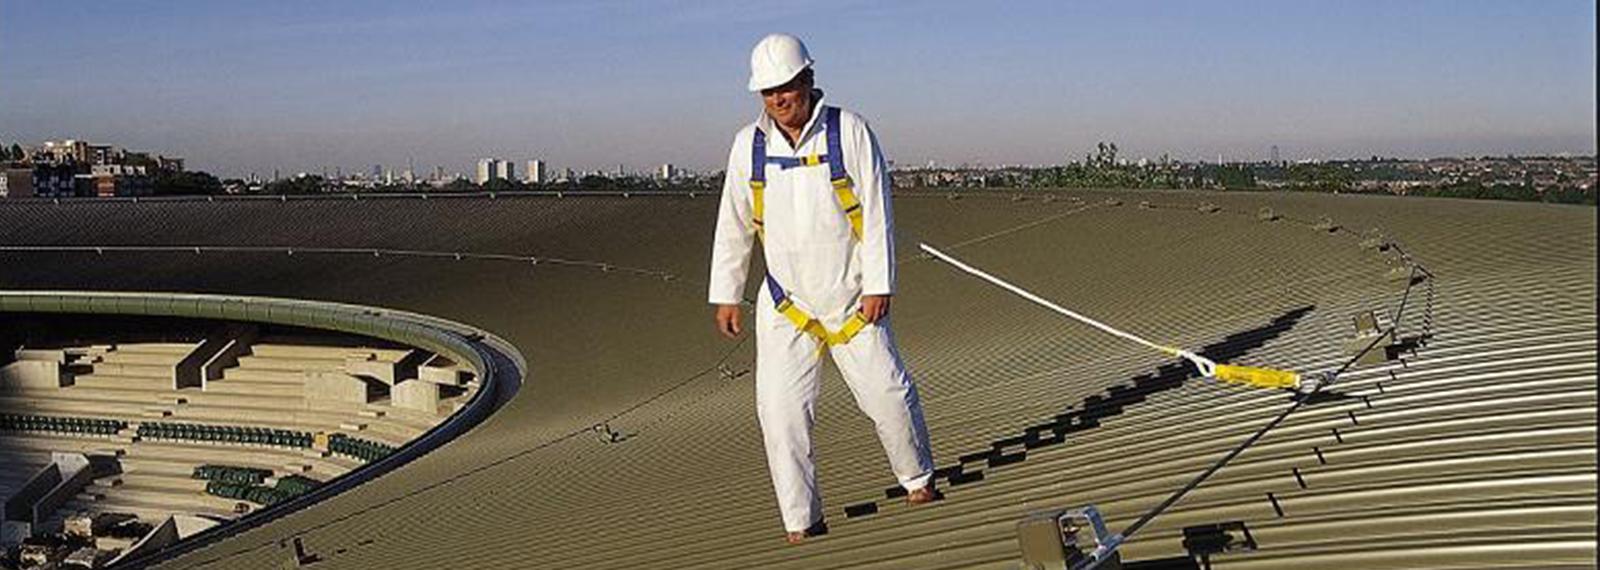 霍尼韦尔SOLL不锈钢永久水平生命线系统使用寿命10年以上